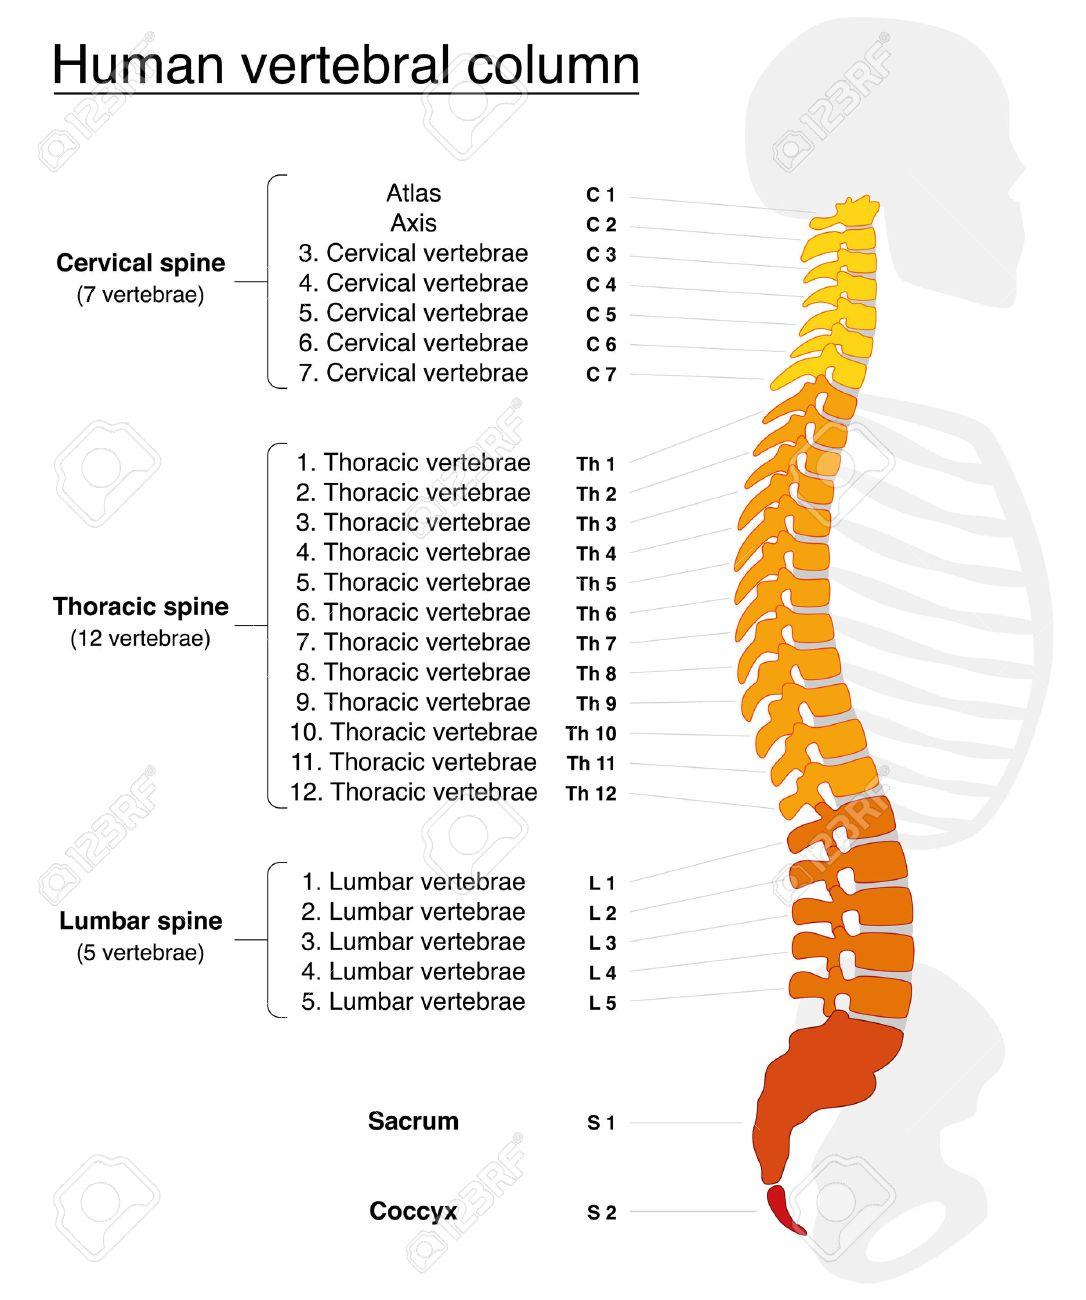 La Columna Vertebral Con Nombres Y Números De Las Vértebras - Vista ...